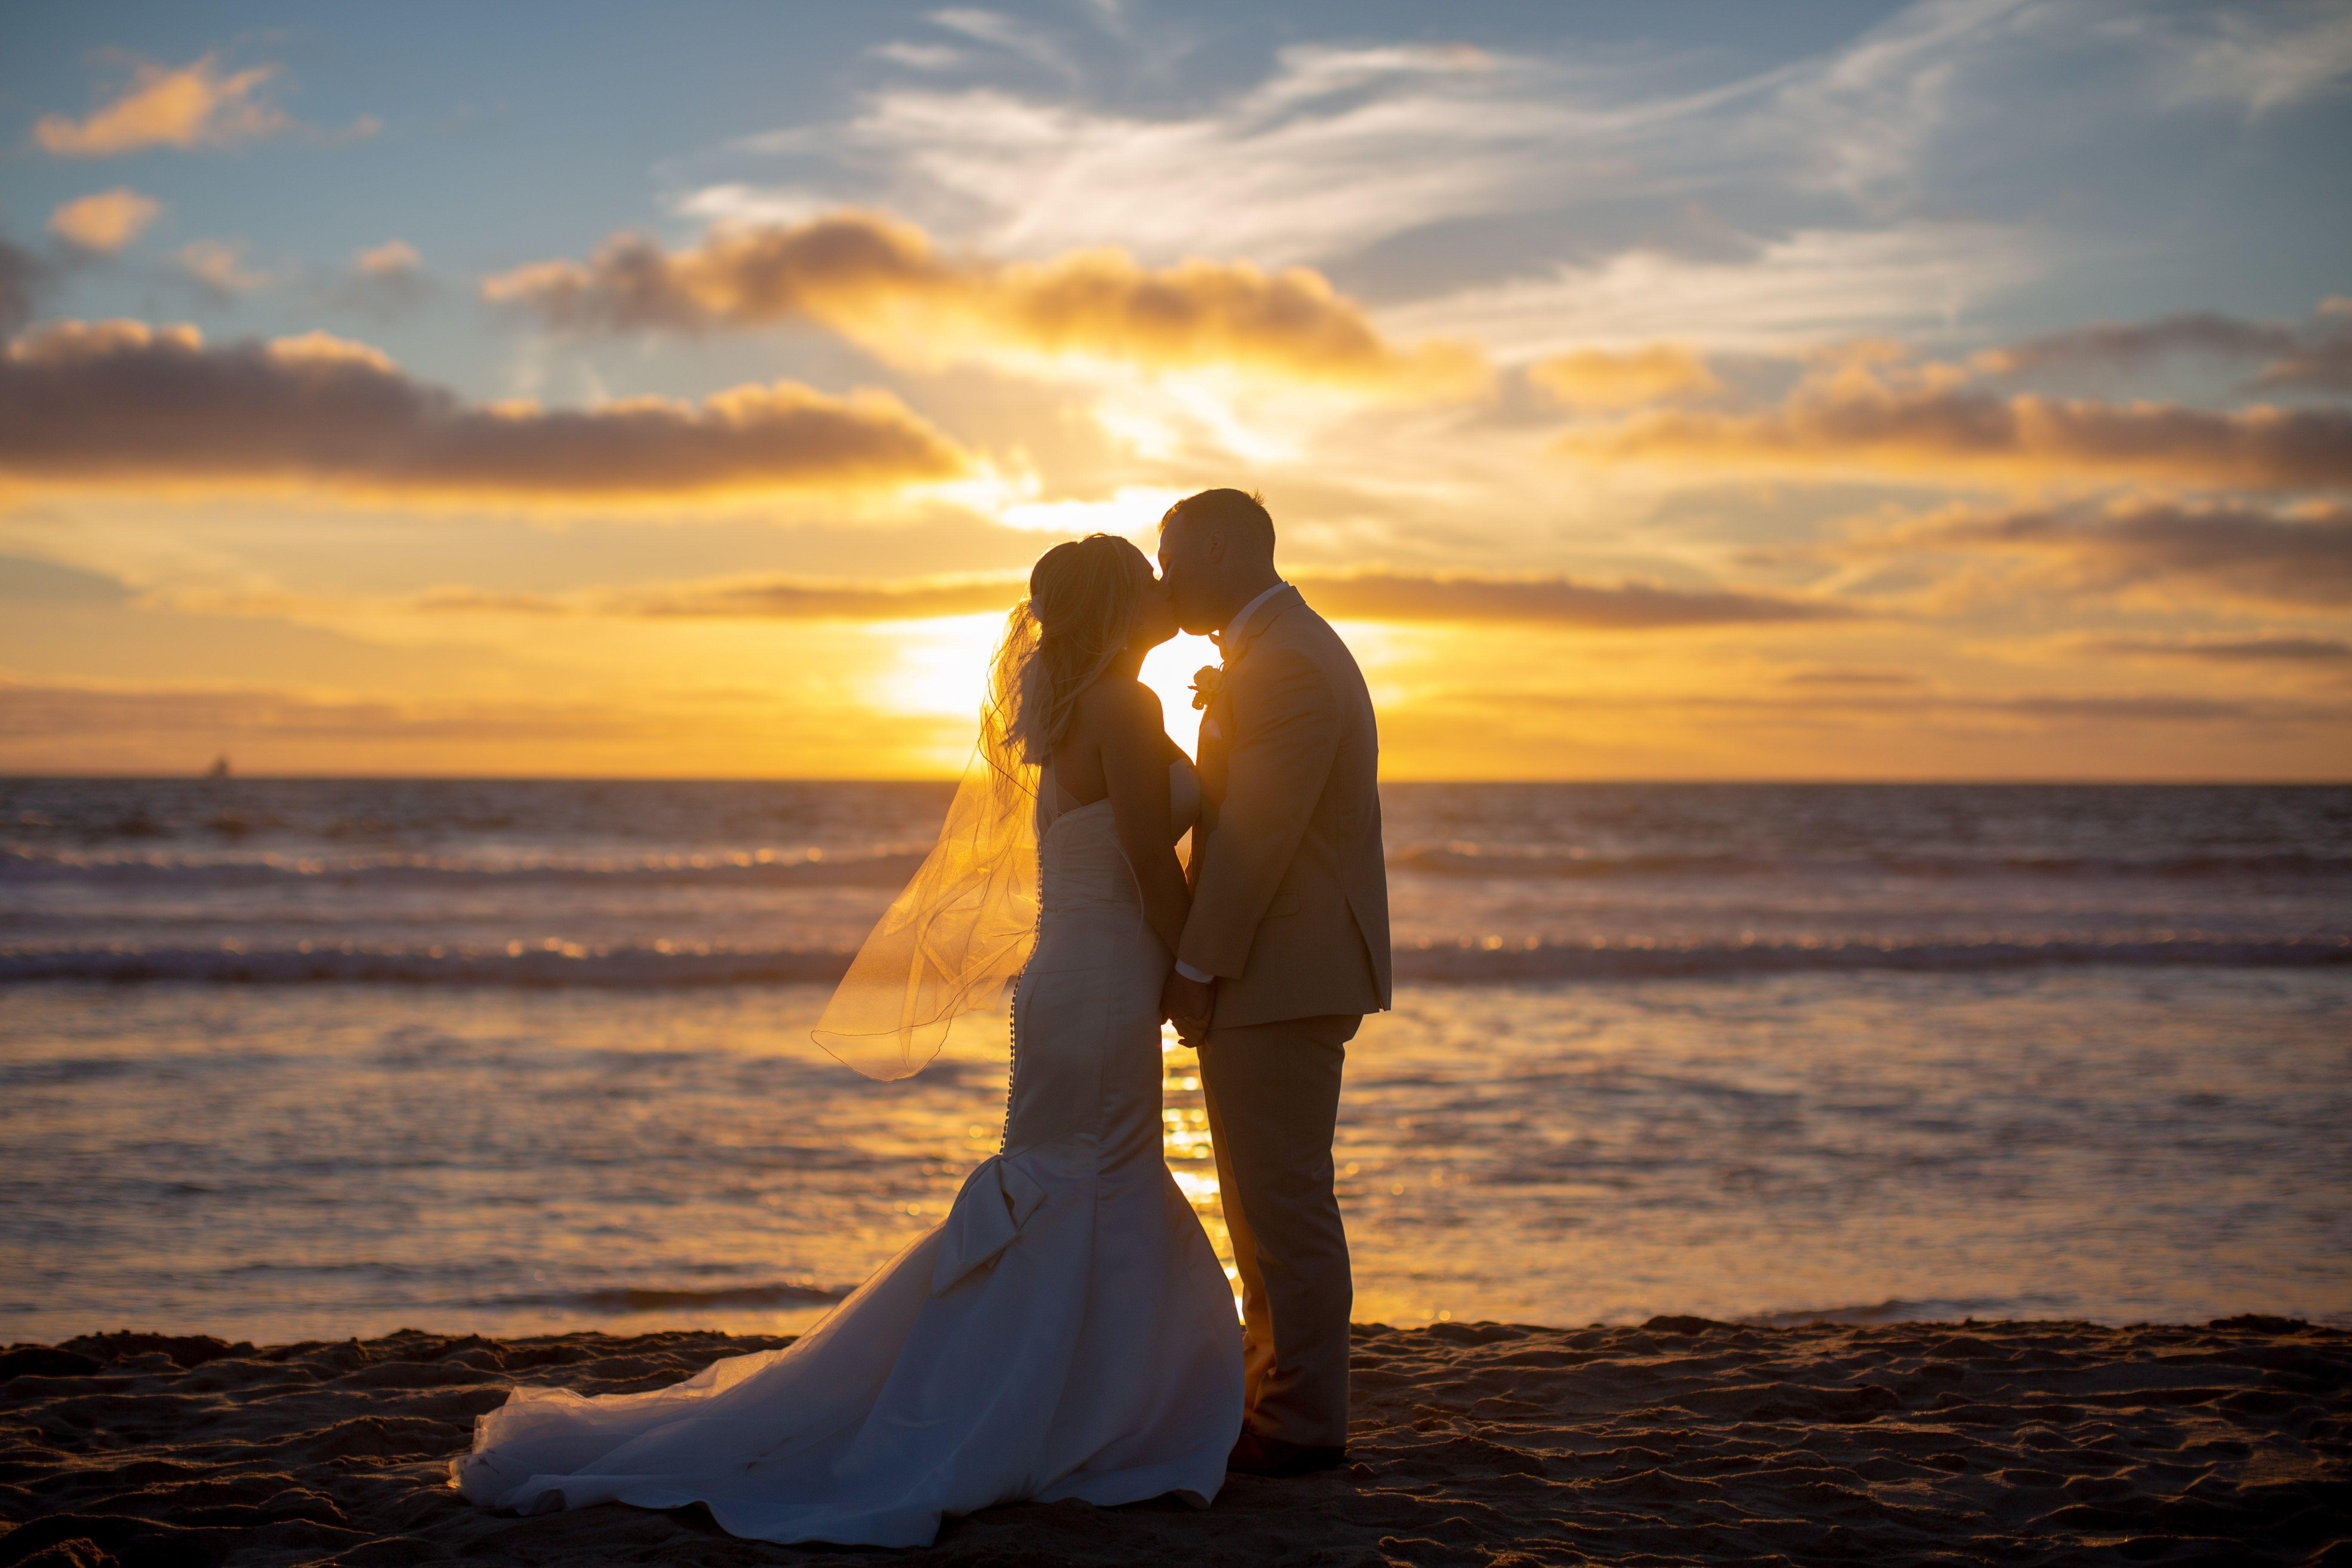 Imperial Beach Dream Beach Wedding Wedding Venues Beach Imperial Beach